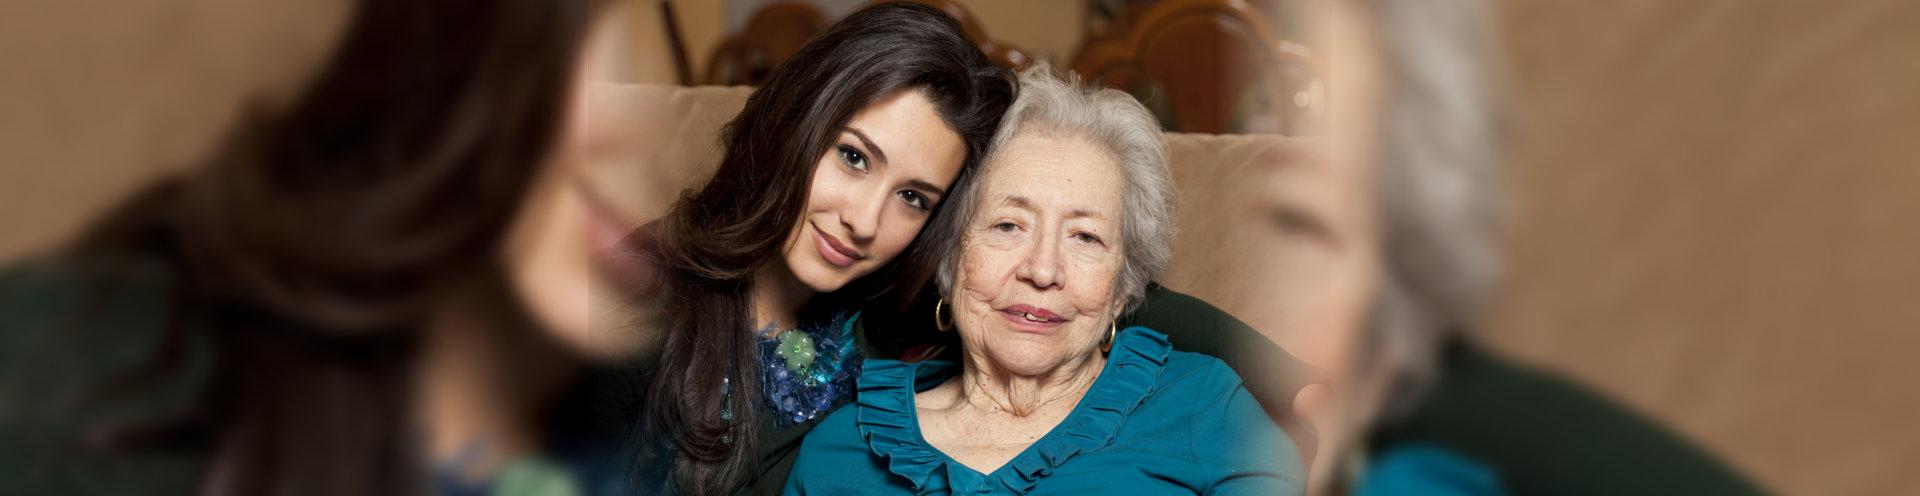 elderly patient and her granddaughter